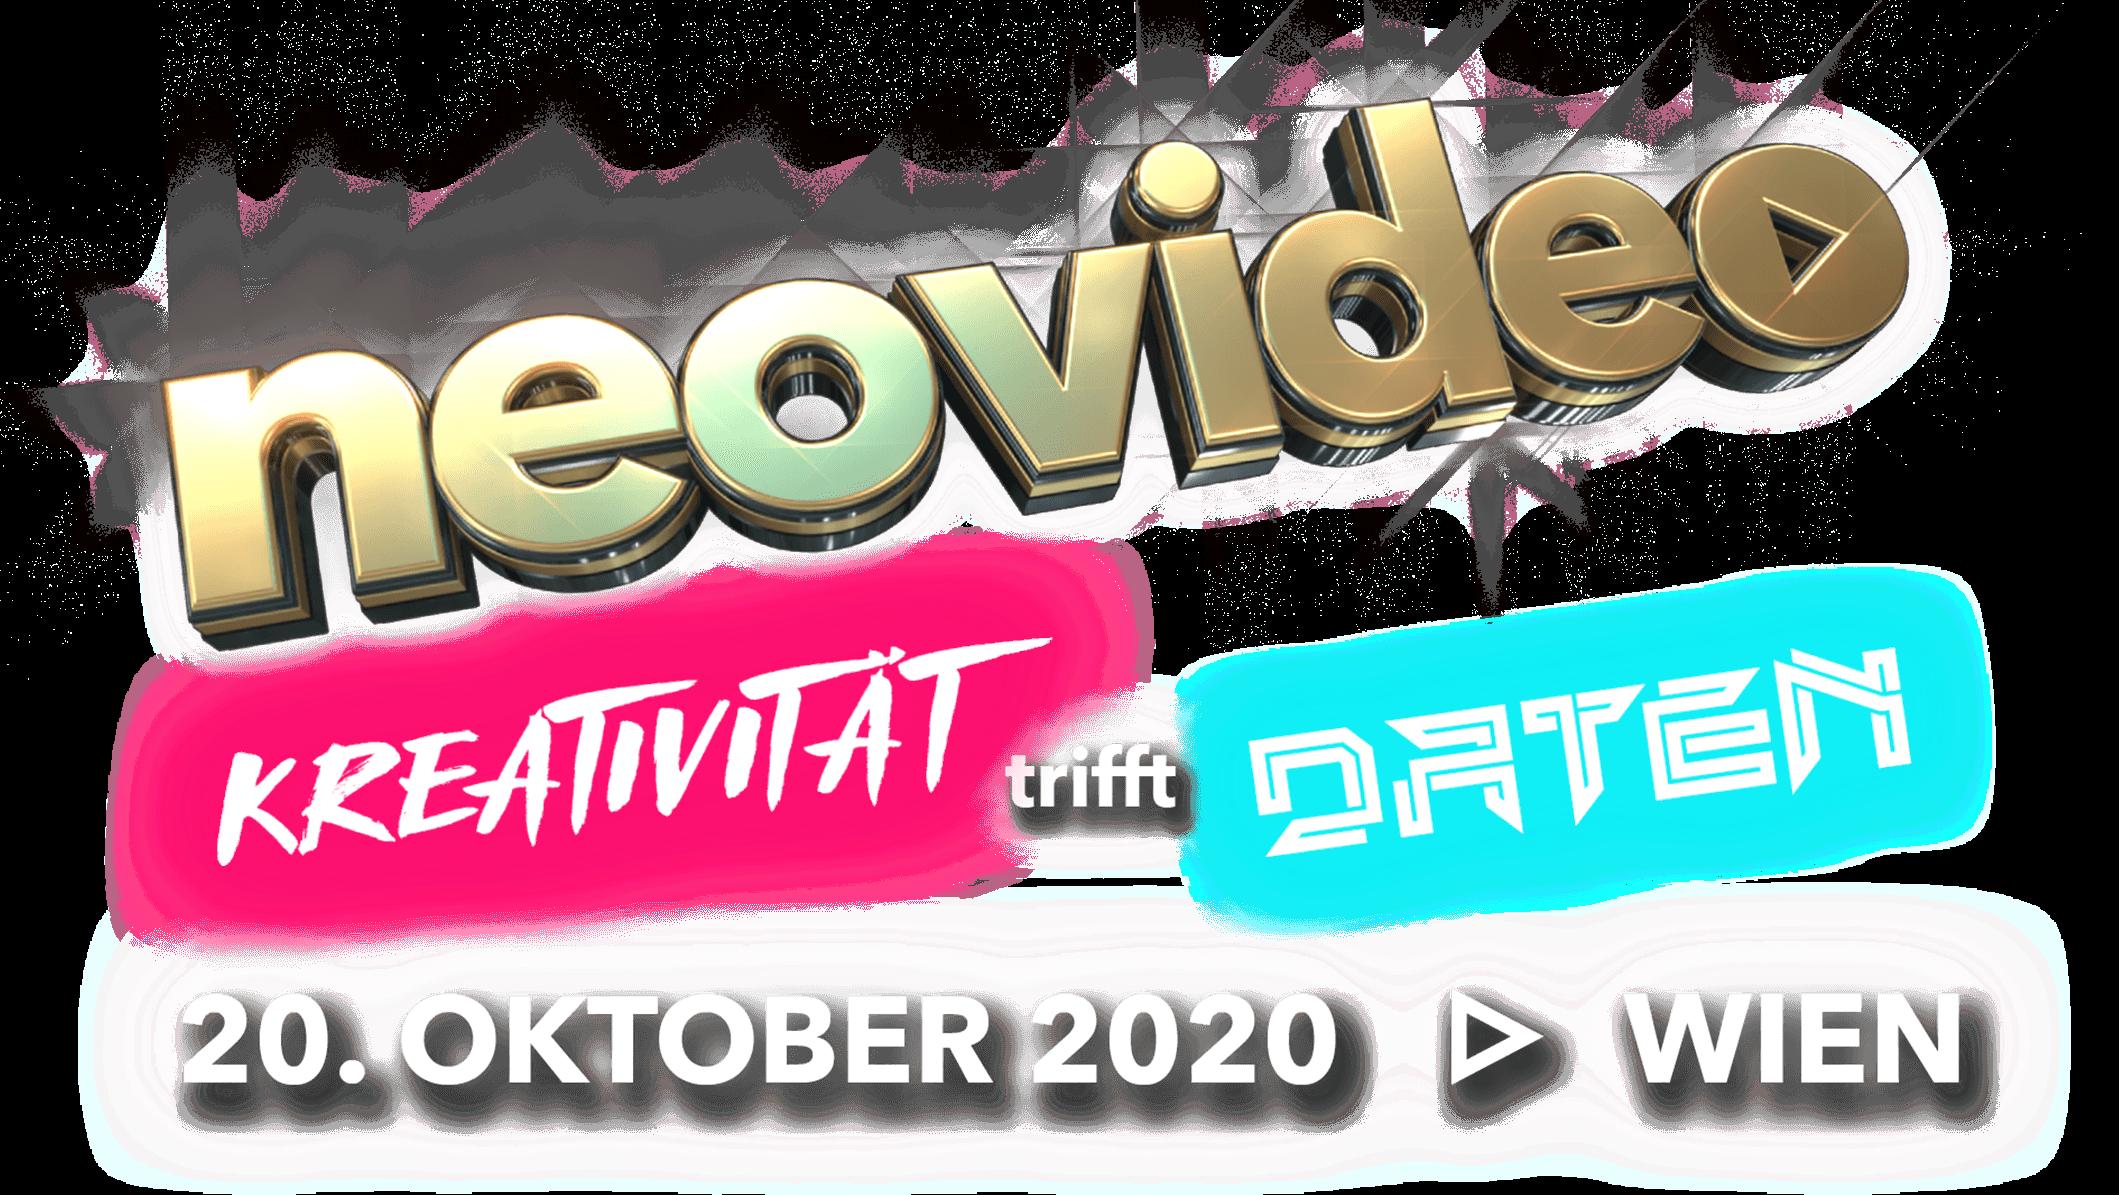 neovideo - Kreativität trifft Daten - 20.Oktober 2929 in Wien